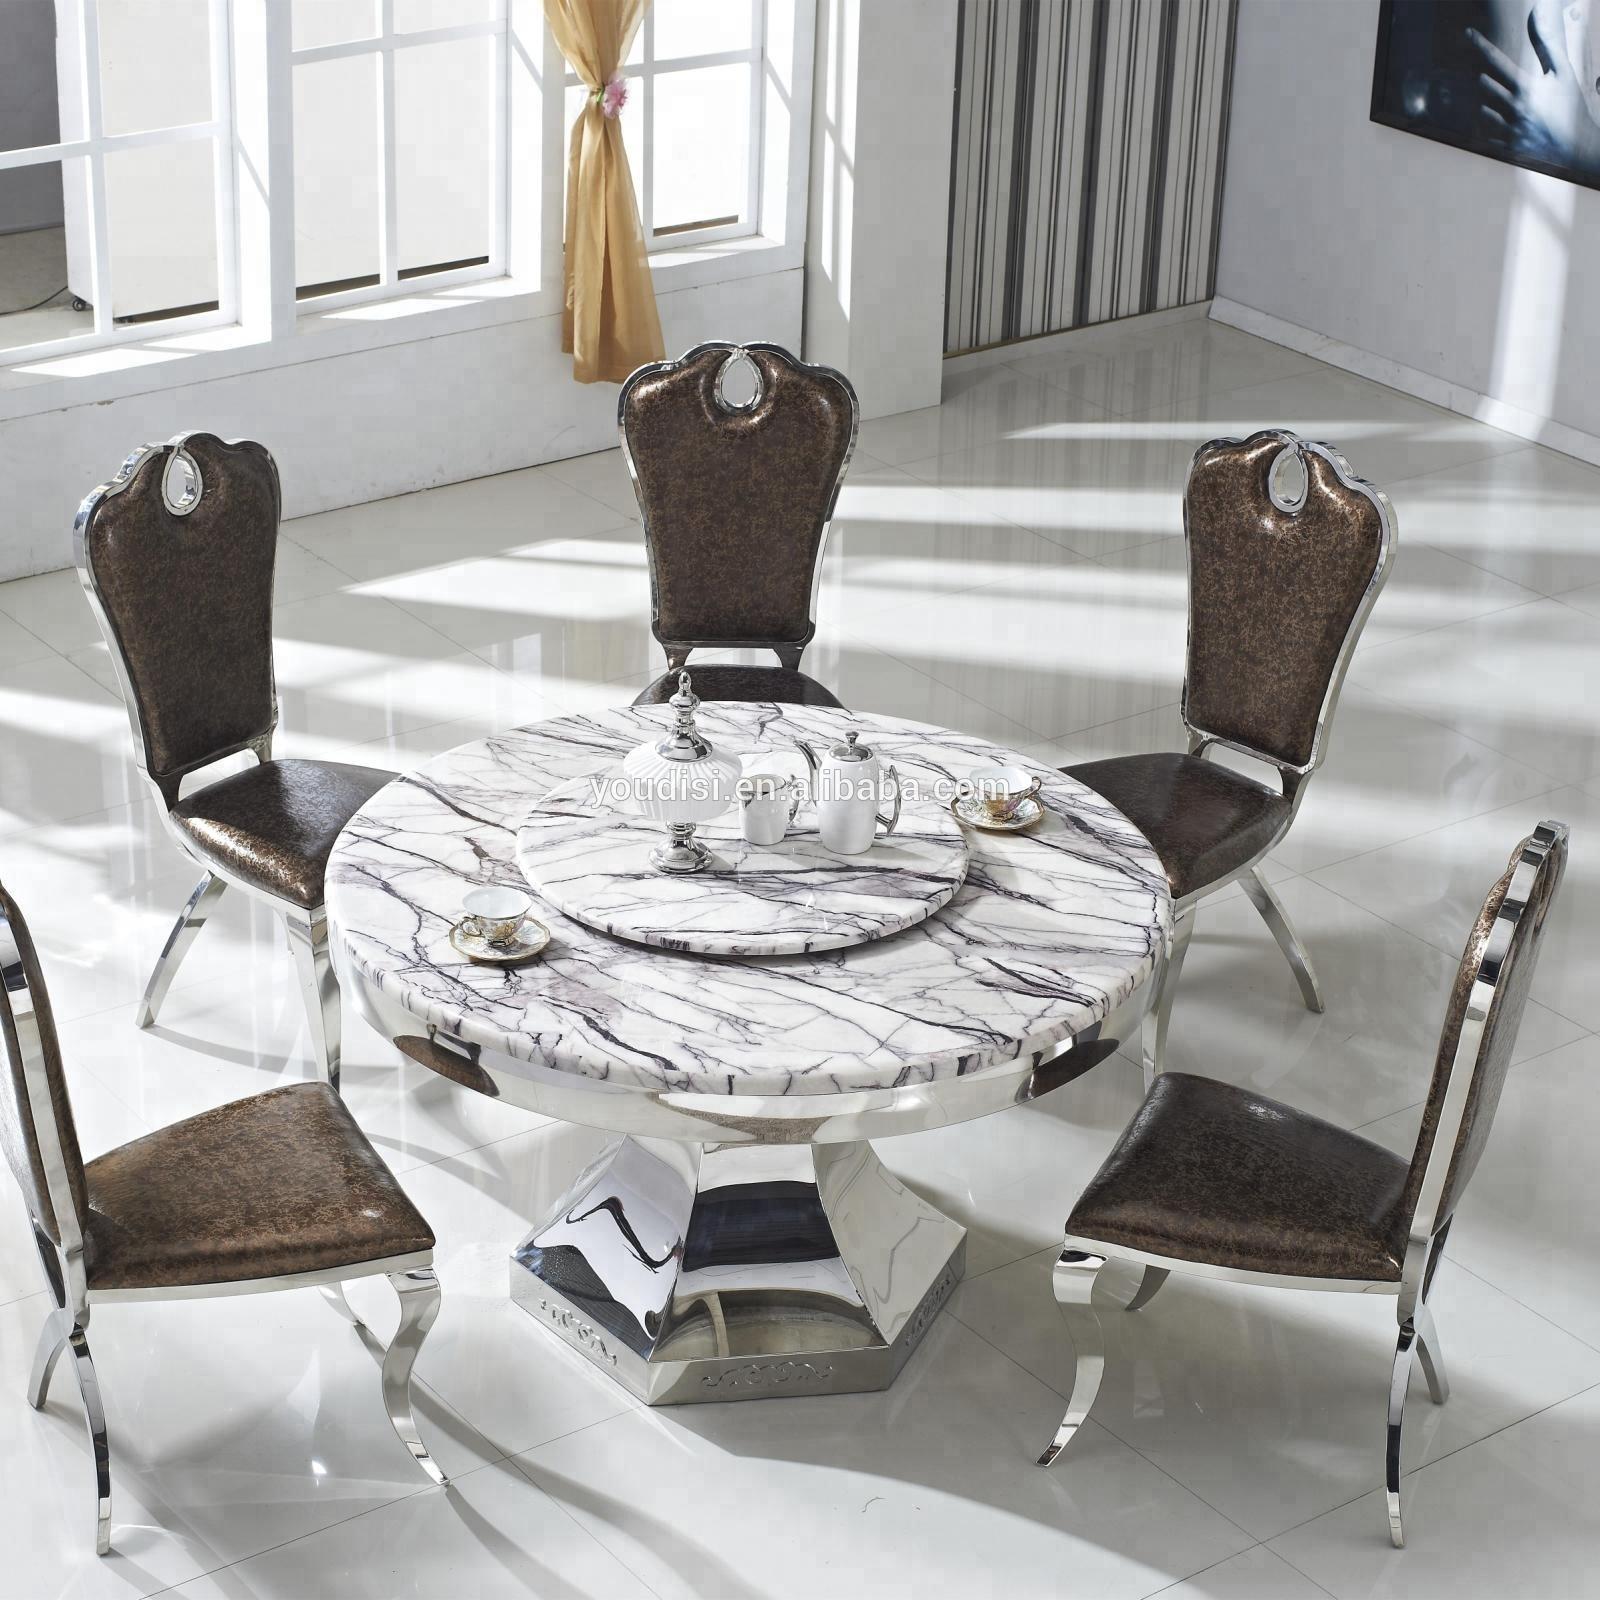 Finden Sie Die Besten Runder Tisch Mit Drehscheibe Hersteller Und